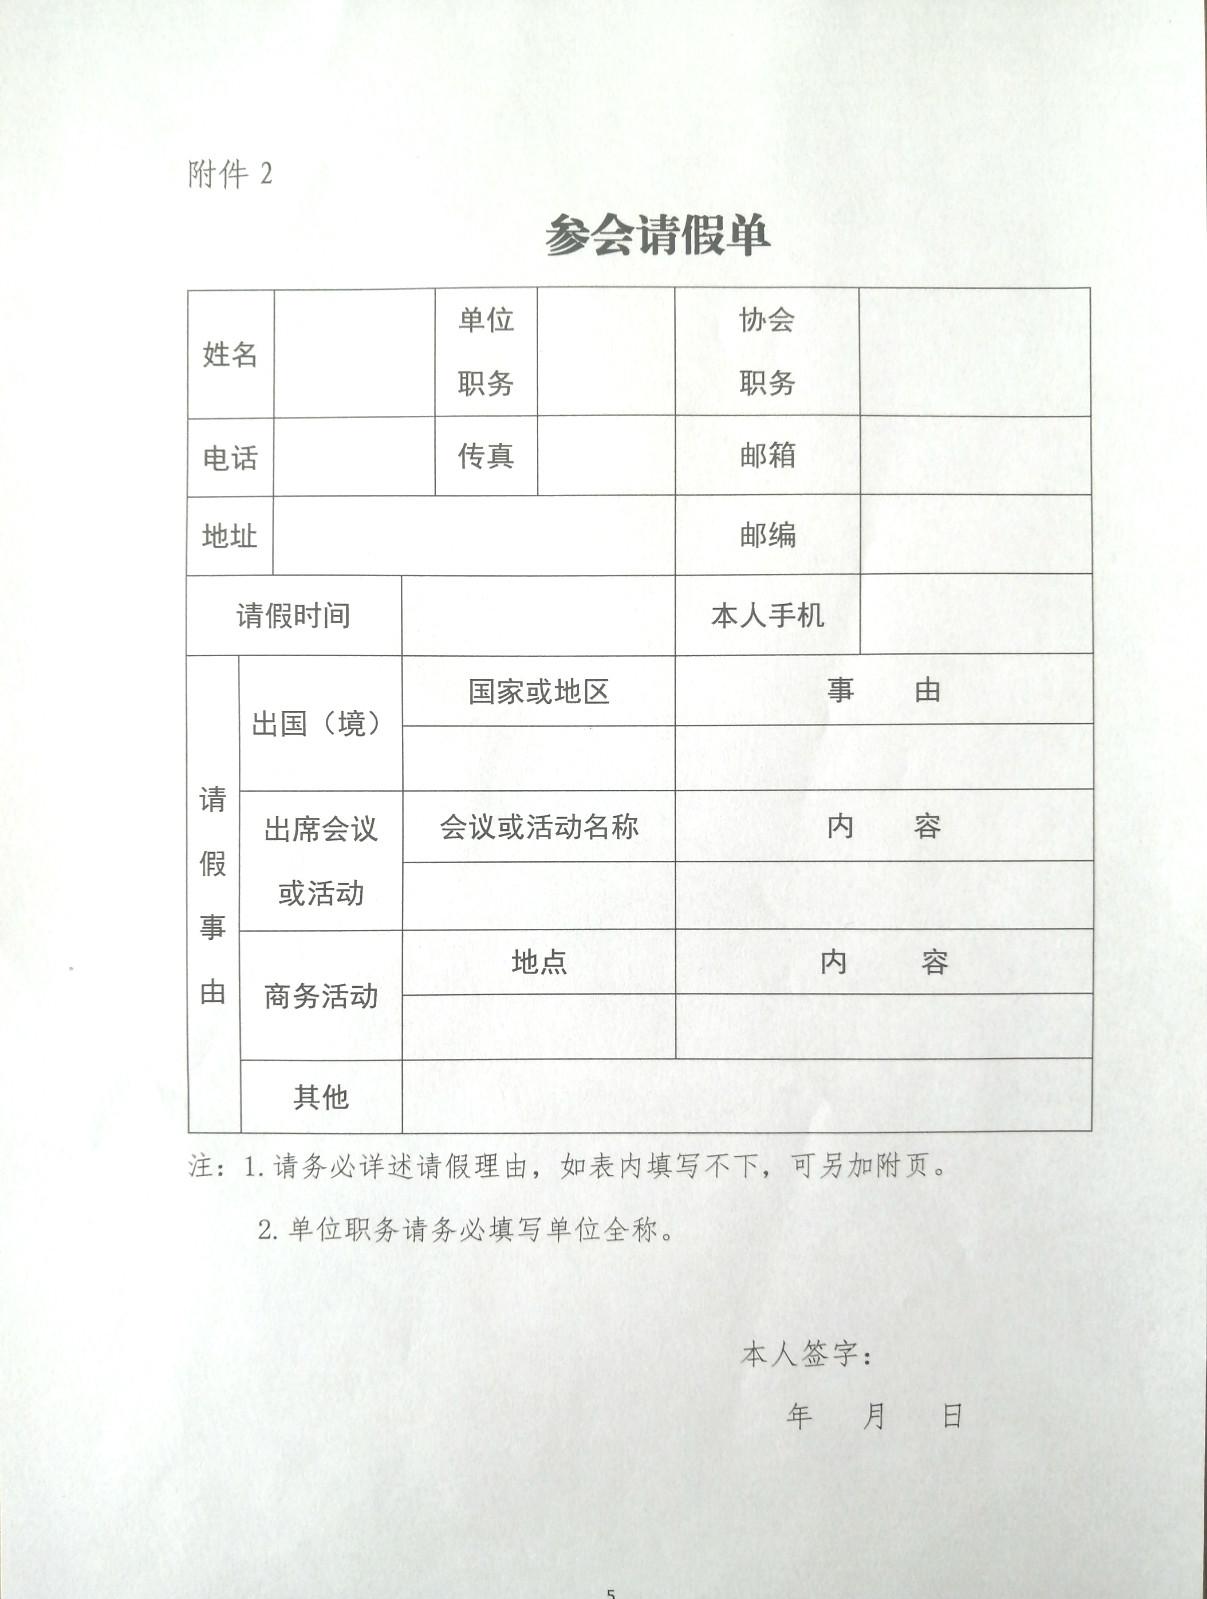 参会请假单_meitu_5.jpg